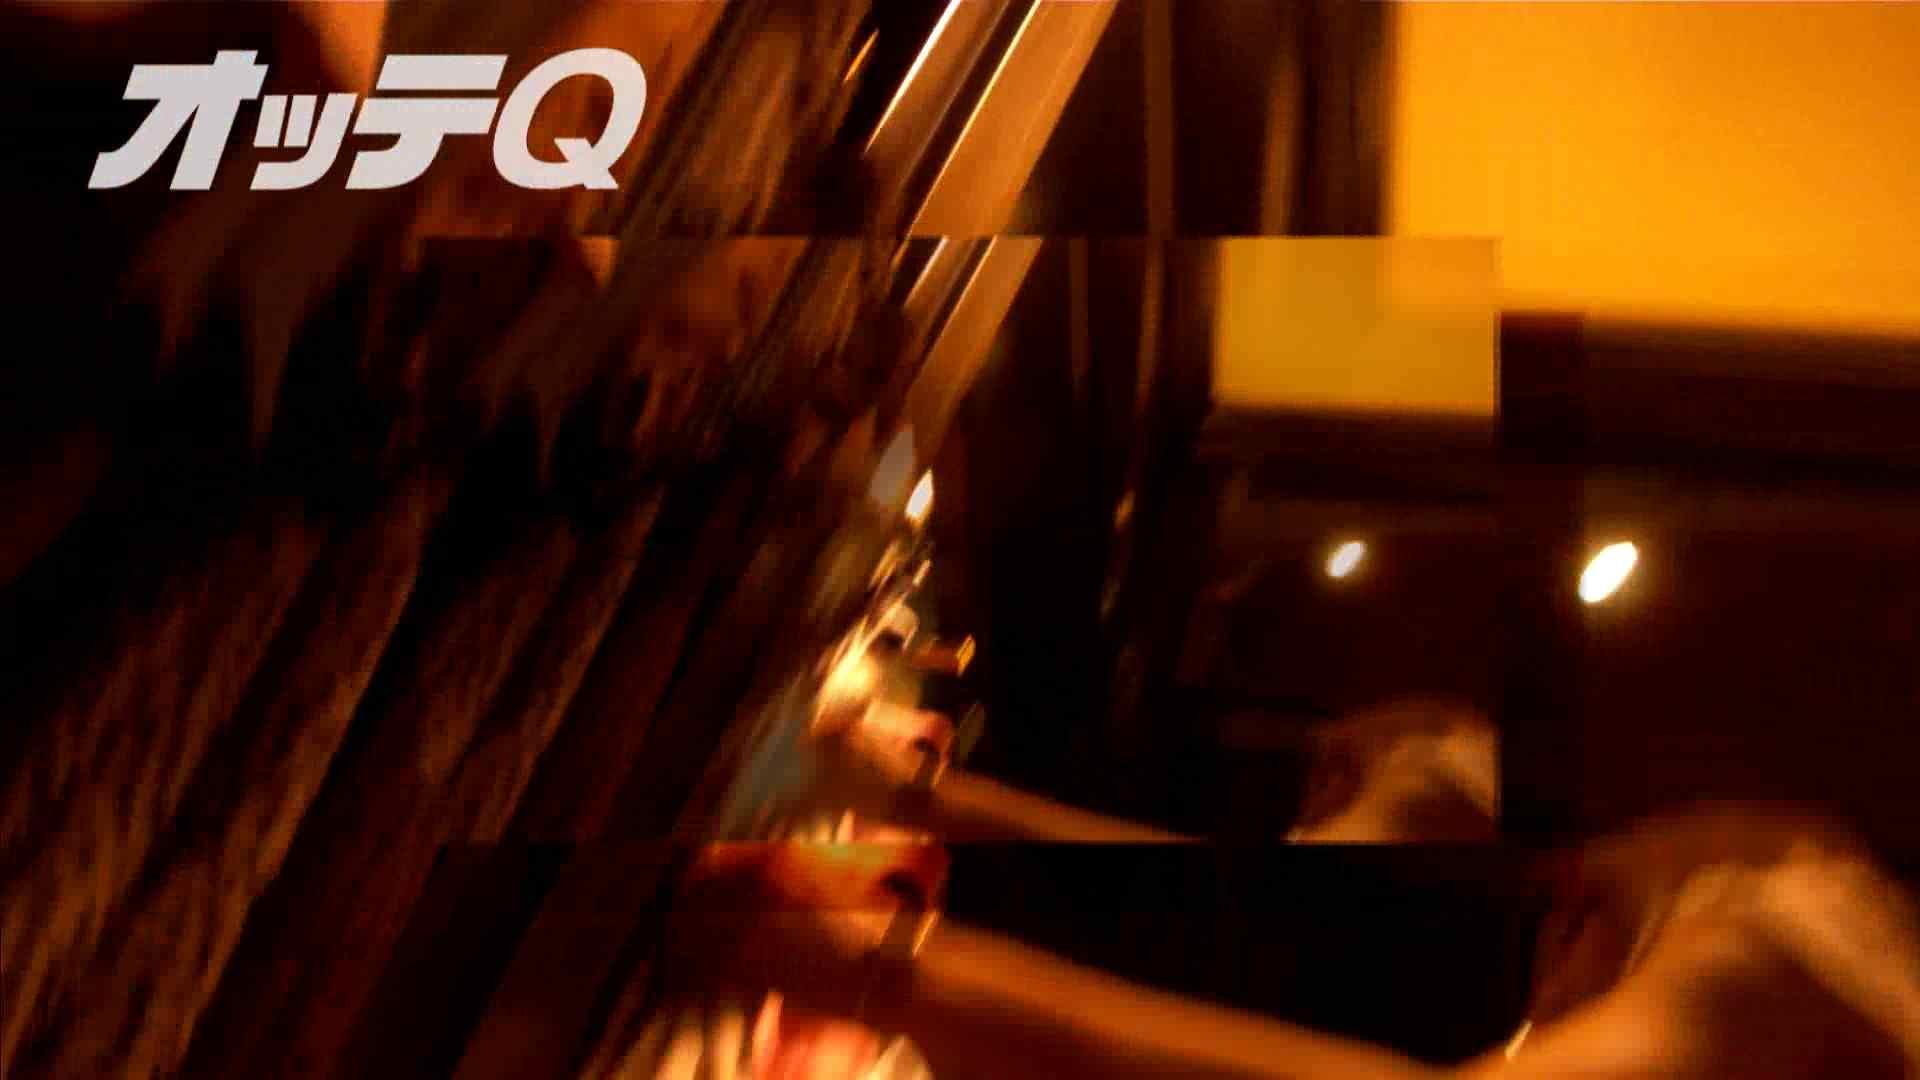 ハイビジョンパンチラ オッテQさんの追跡パンチラデパート編VOL.03 追跡 ワレメ動画紹介 89pic 39